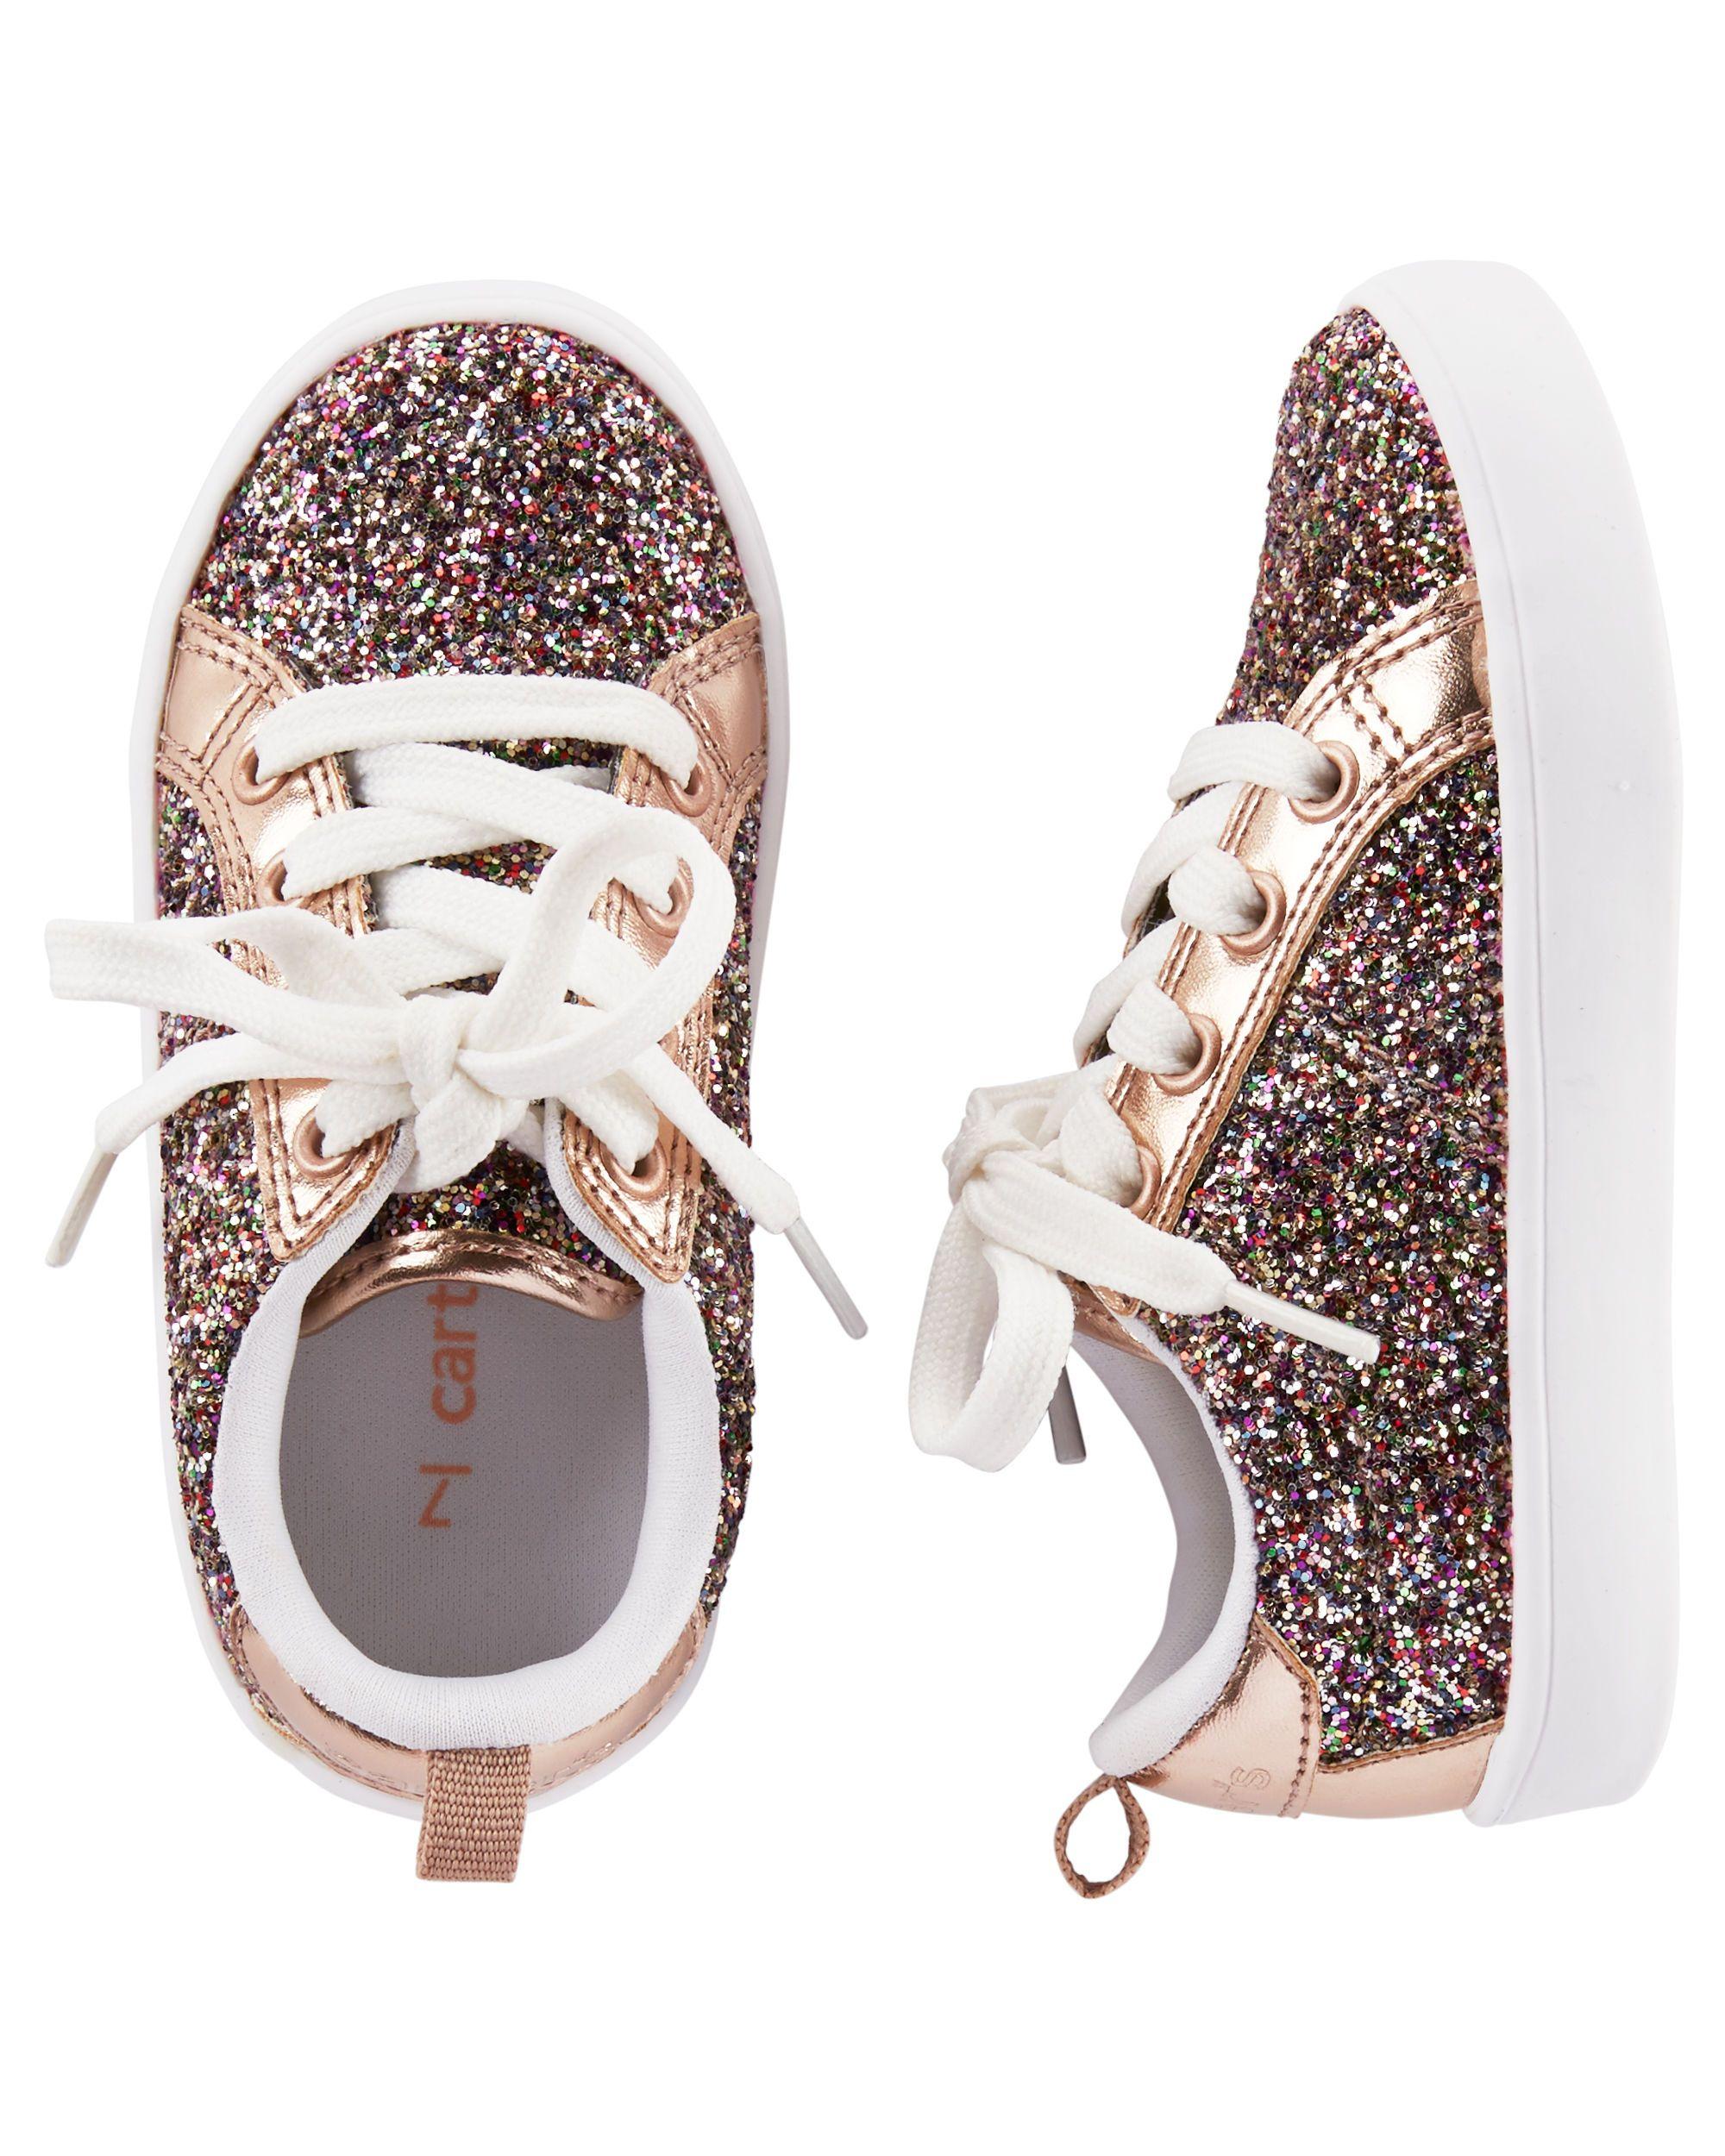 Toddler girl shoes, Toddler